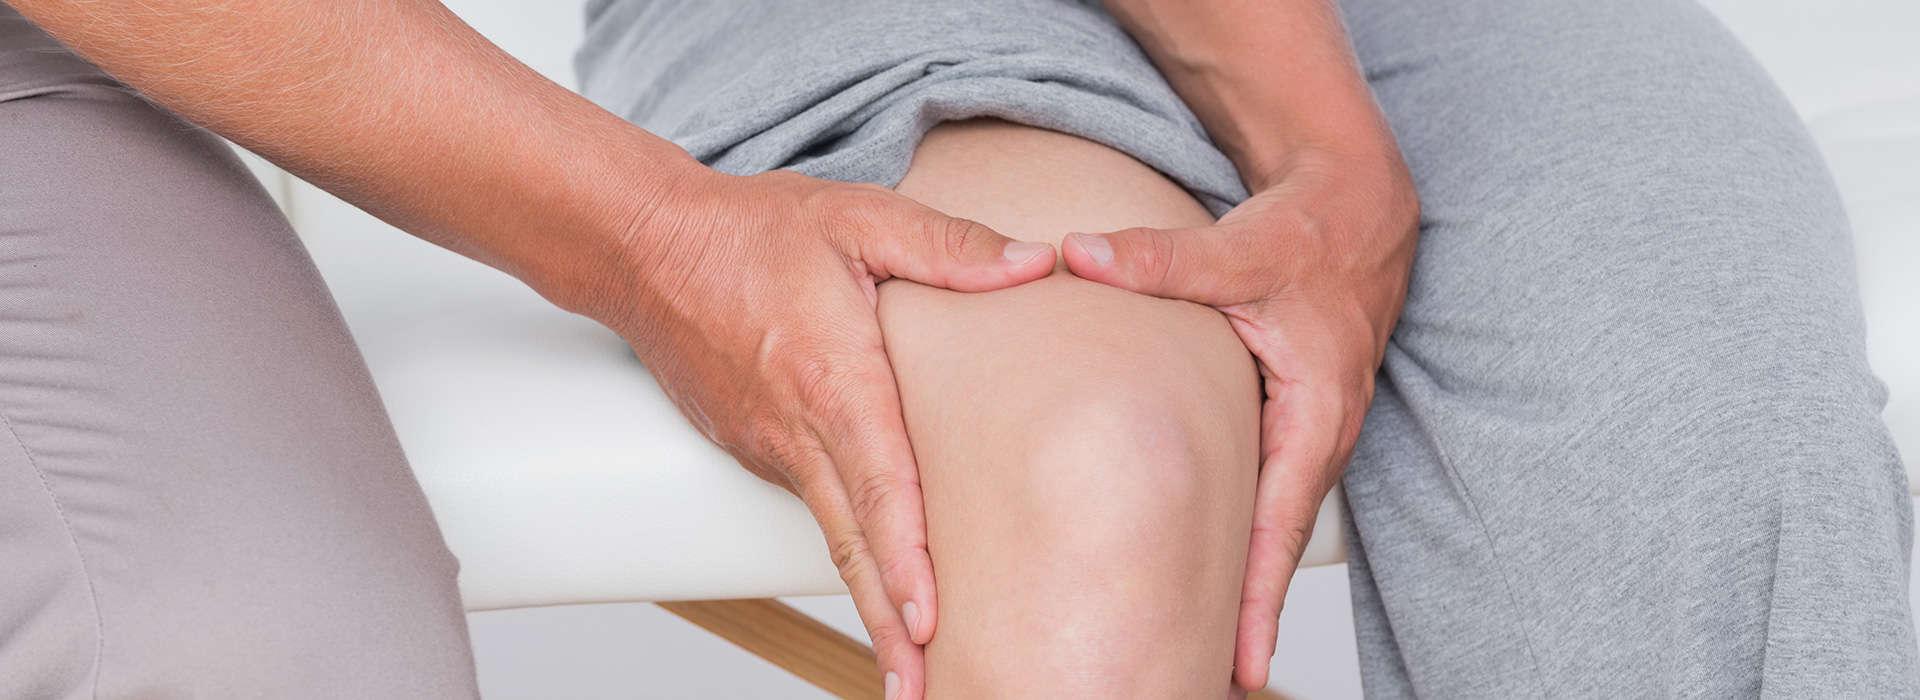 פיזיותרפיה לאחר החלפת מפרק ברך